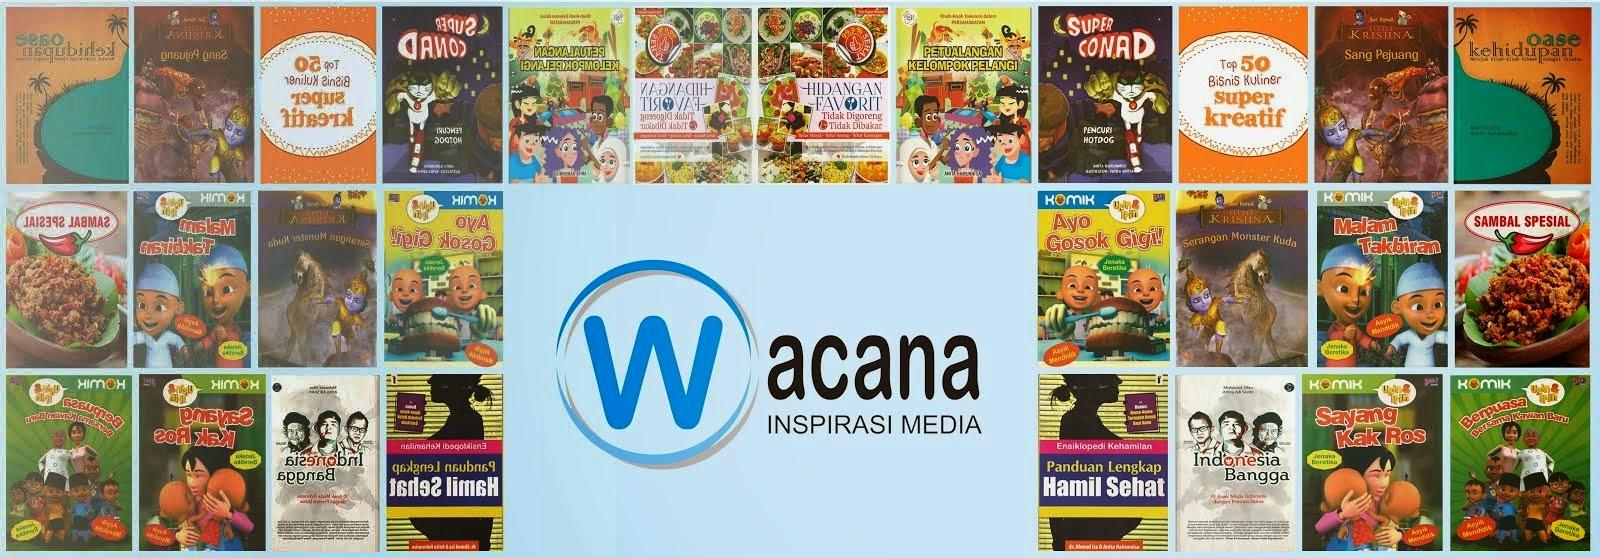 WACANA INSPIRASI MEDIA